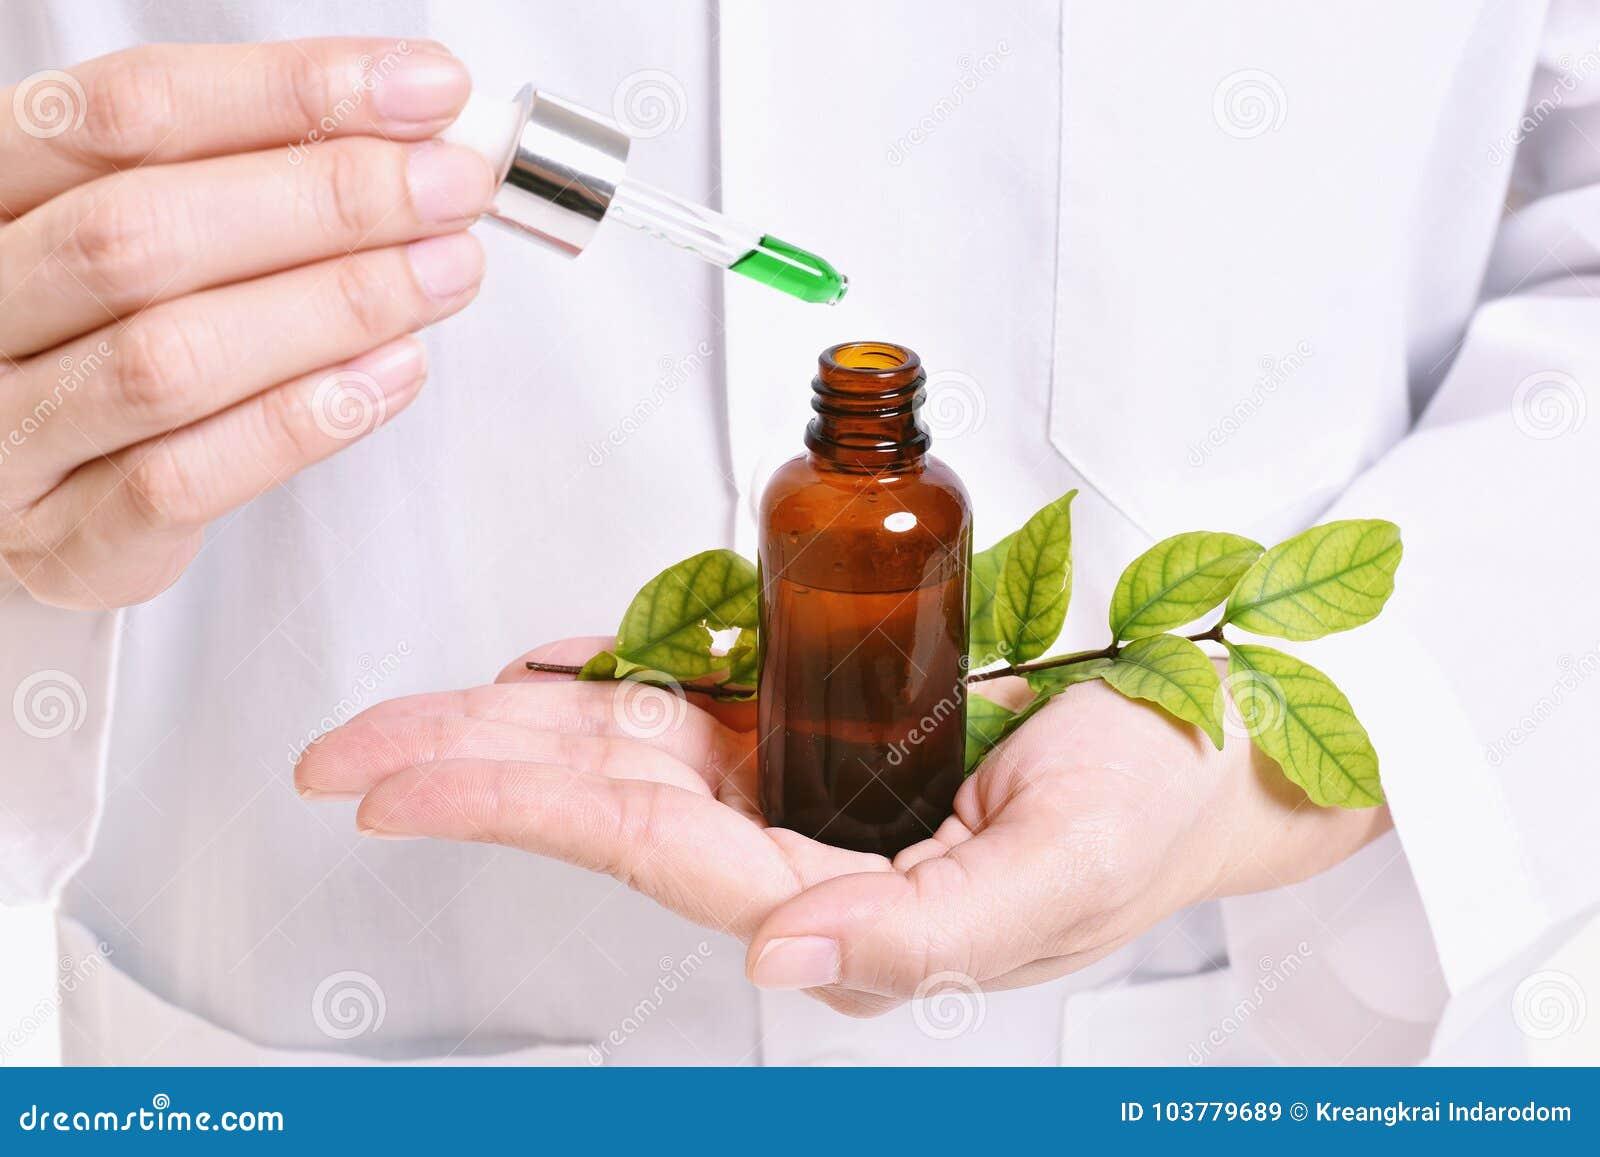 Cientista com pesquisa natural da droga, descoberta verde do fitoterapia no laboratório de ciência